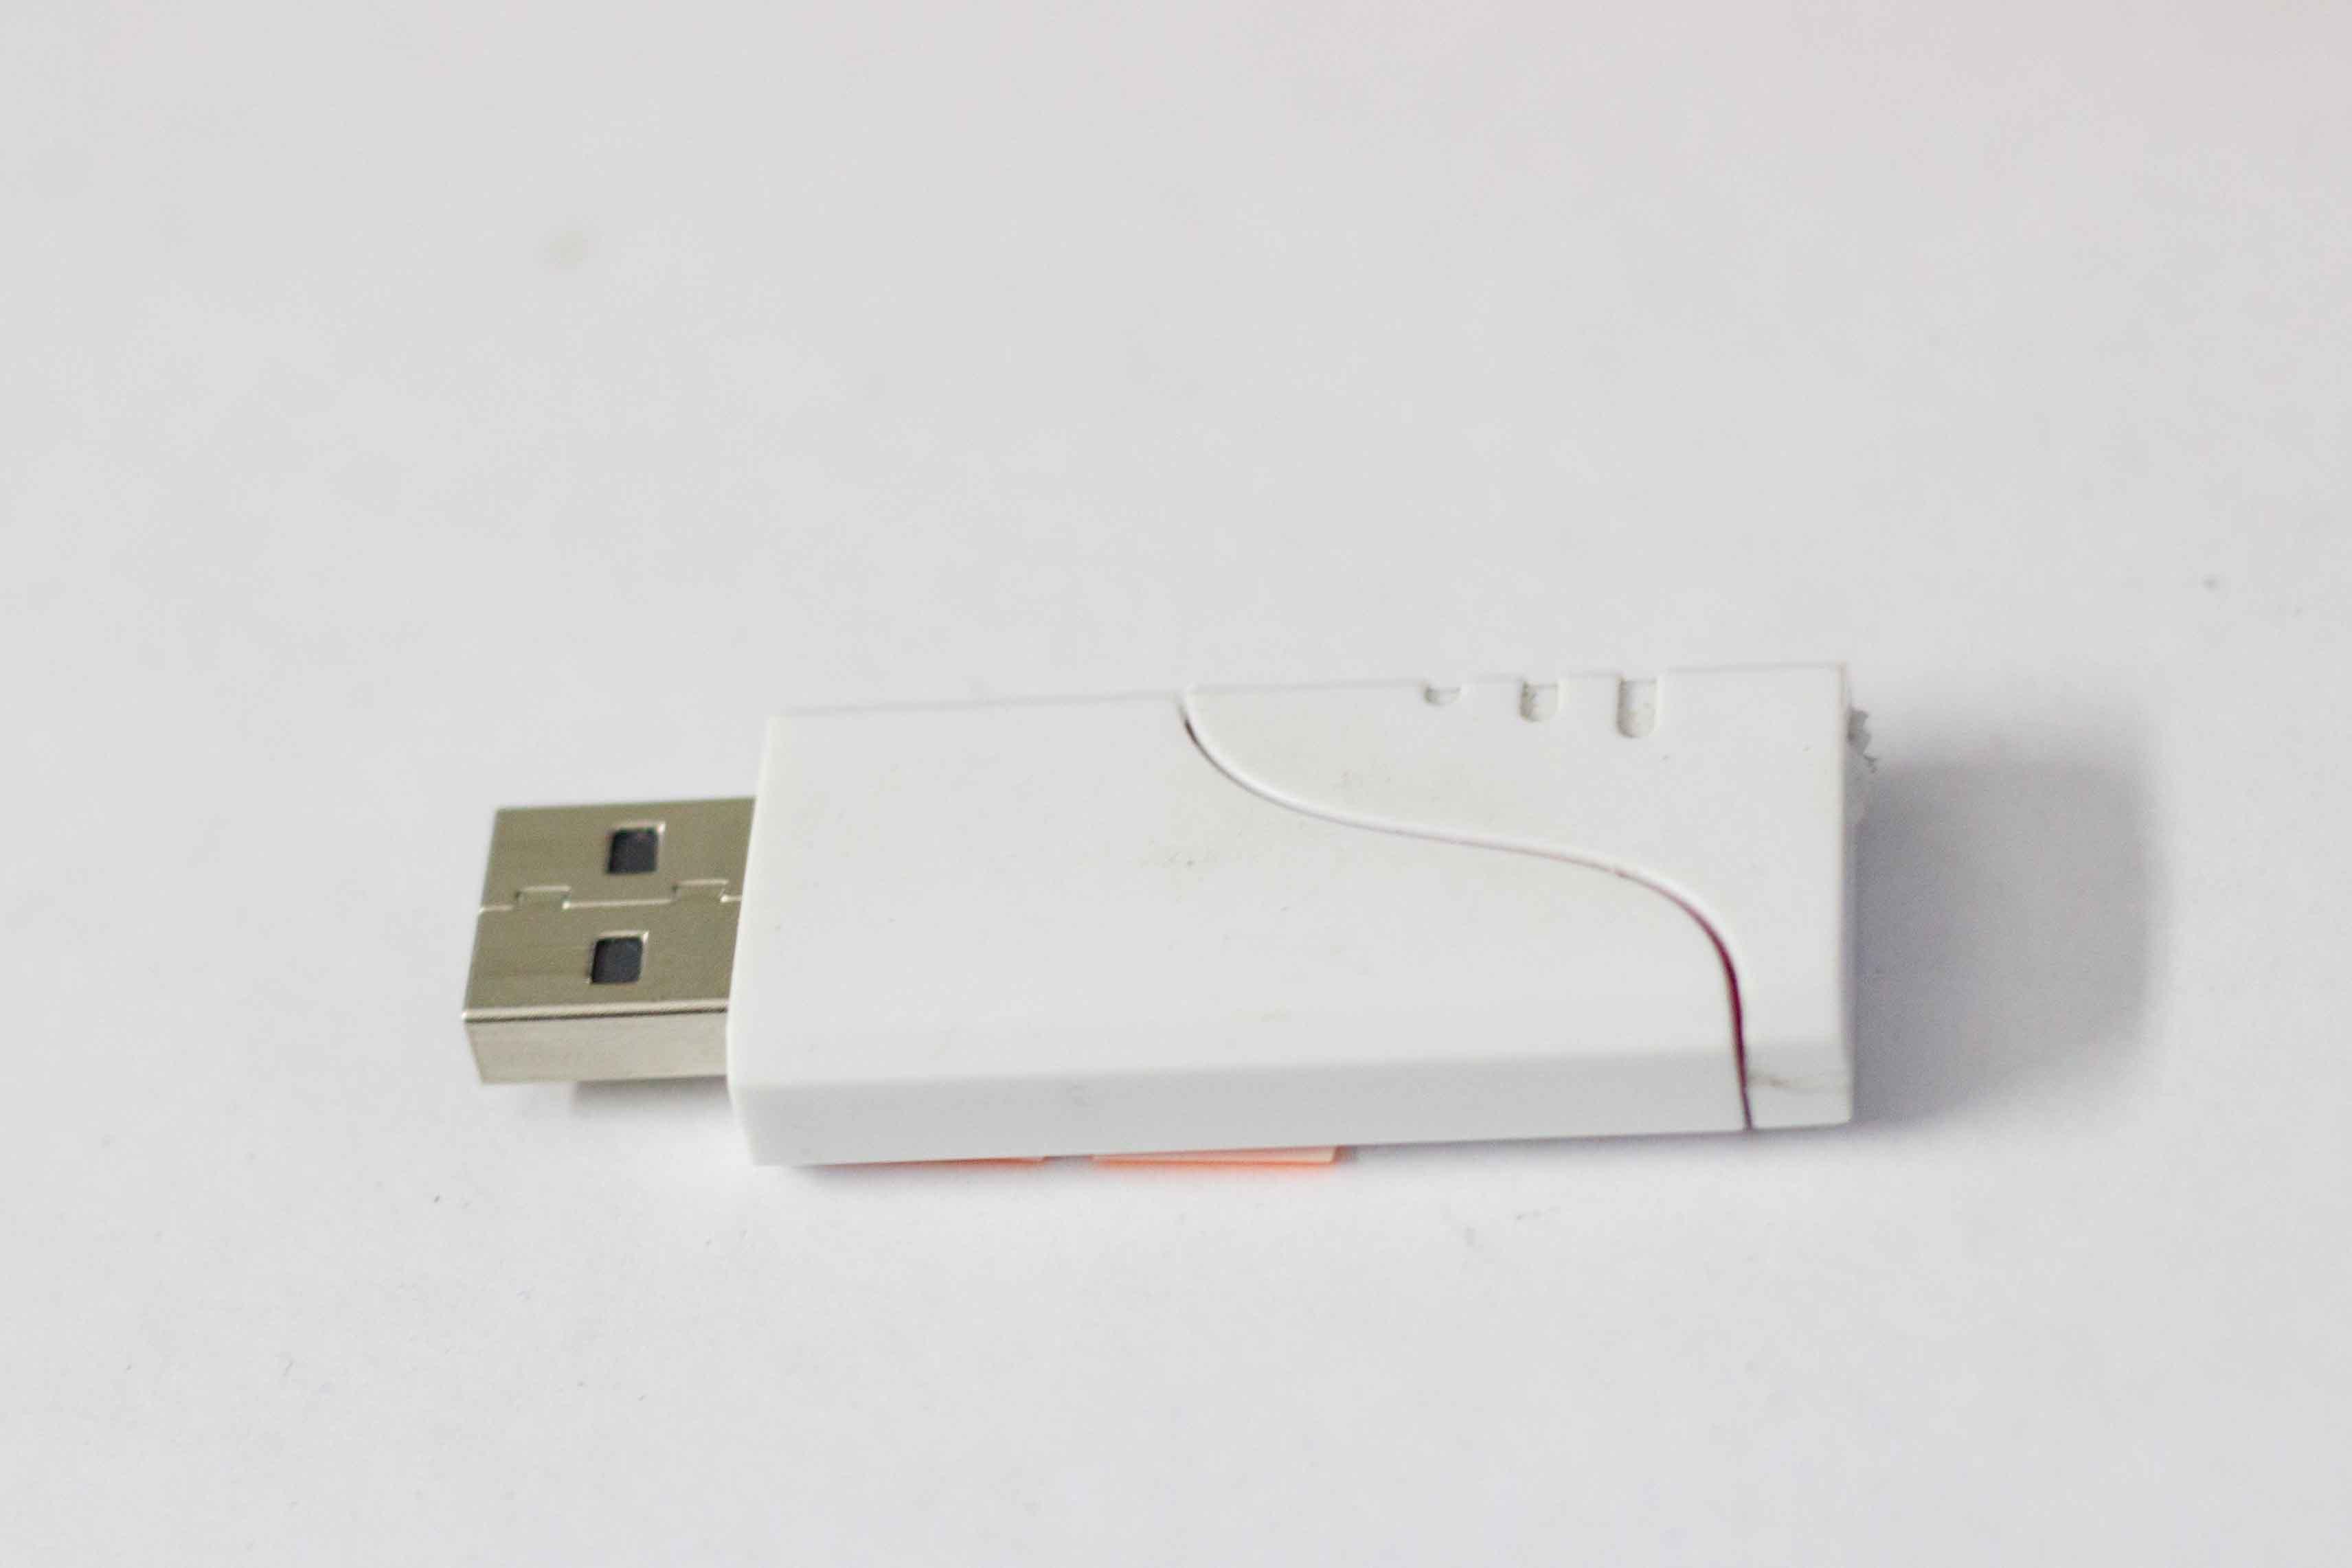 Скачать программу для восстановления флешки smartbuy 8gb